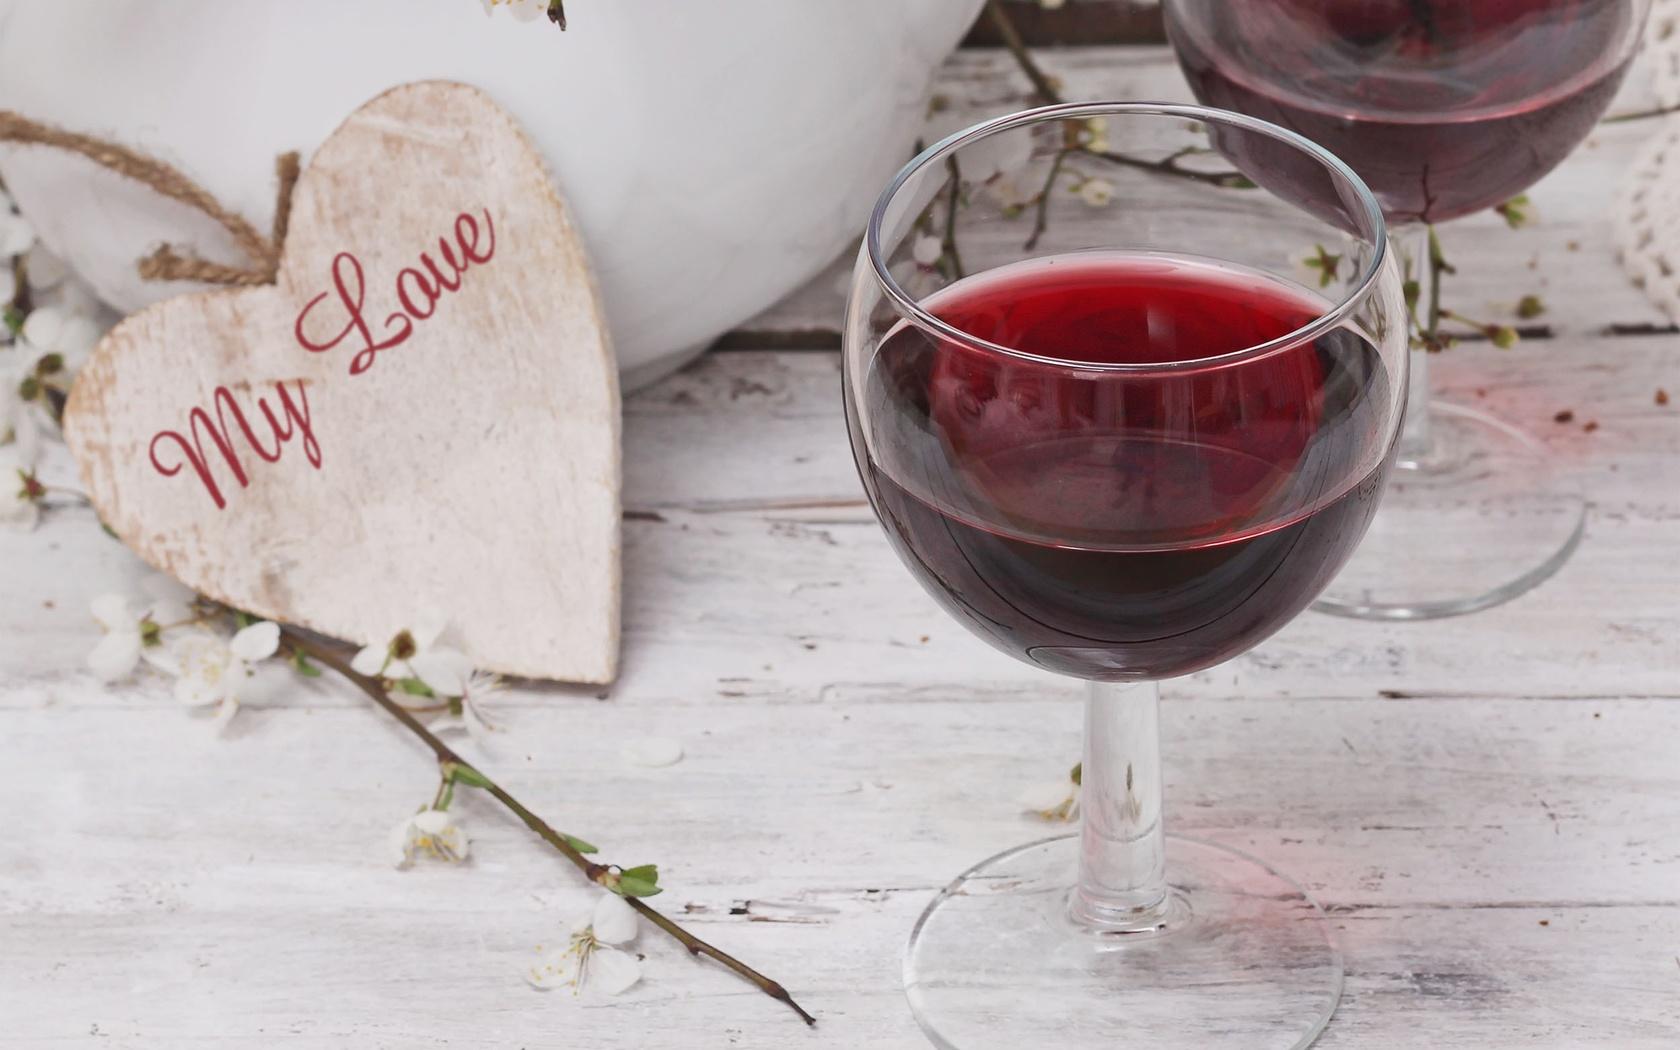 Картинки бокал вина на столе